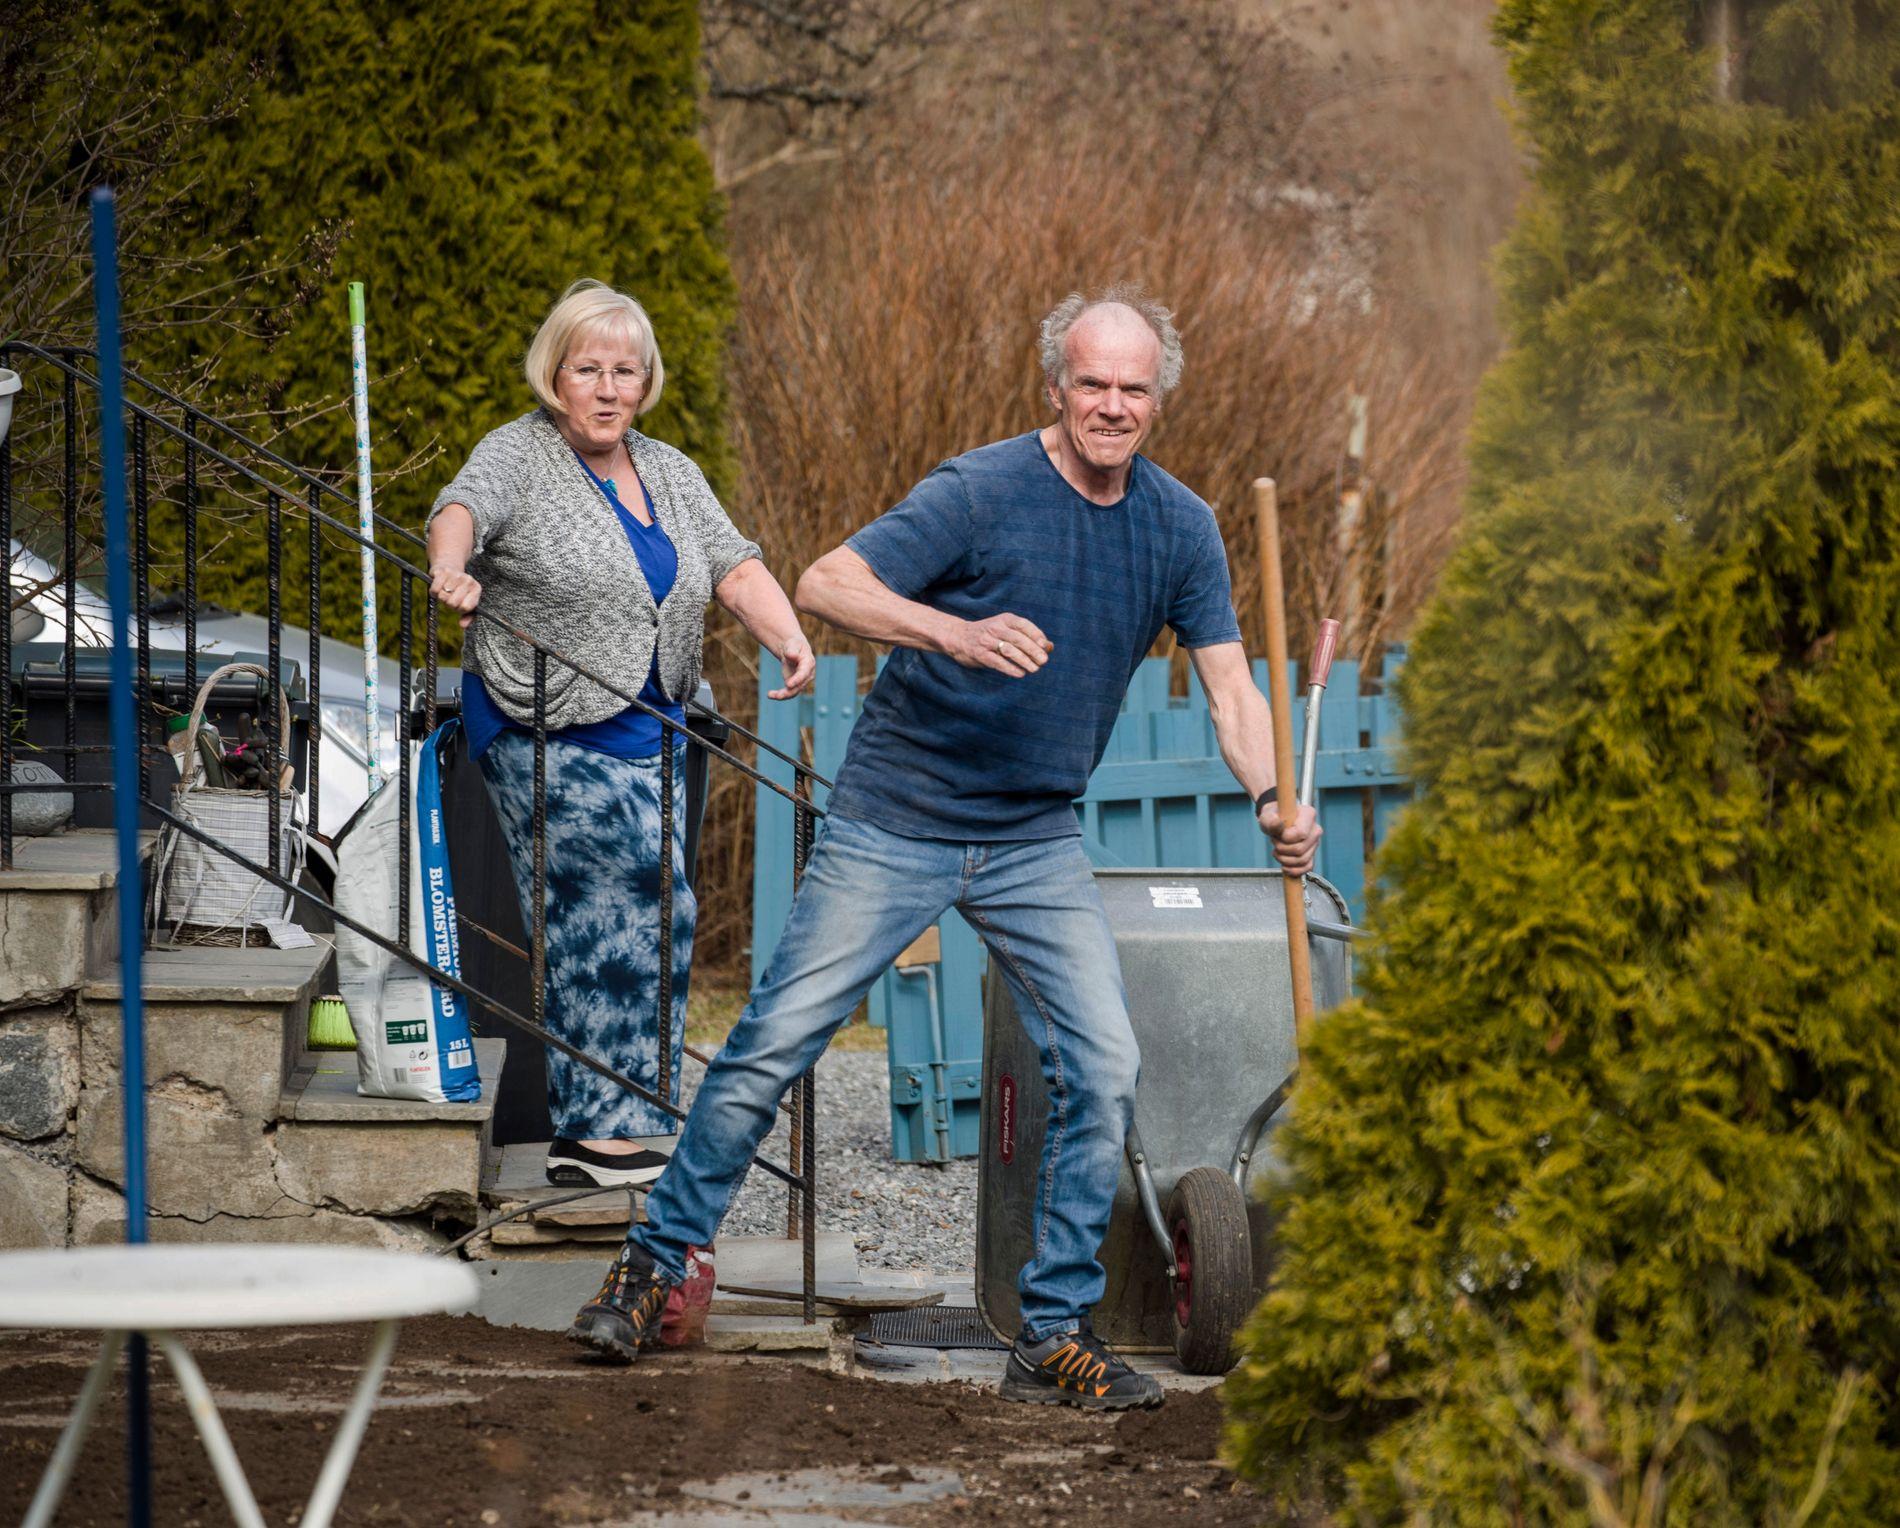 HJEMME: May Gunn Kristiansen (59) og Kjell Kristiansen (62) skal være hjemme på Godlia i Oslo i påsken. Hun skal jobbe på Grefsenhjemmet og han skal jobbe i hagen.